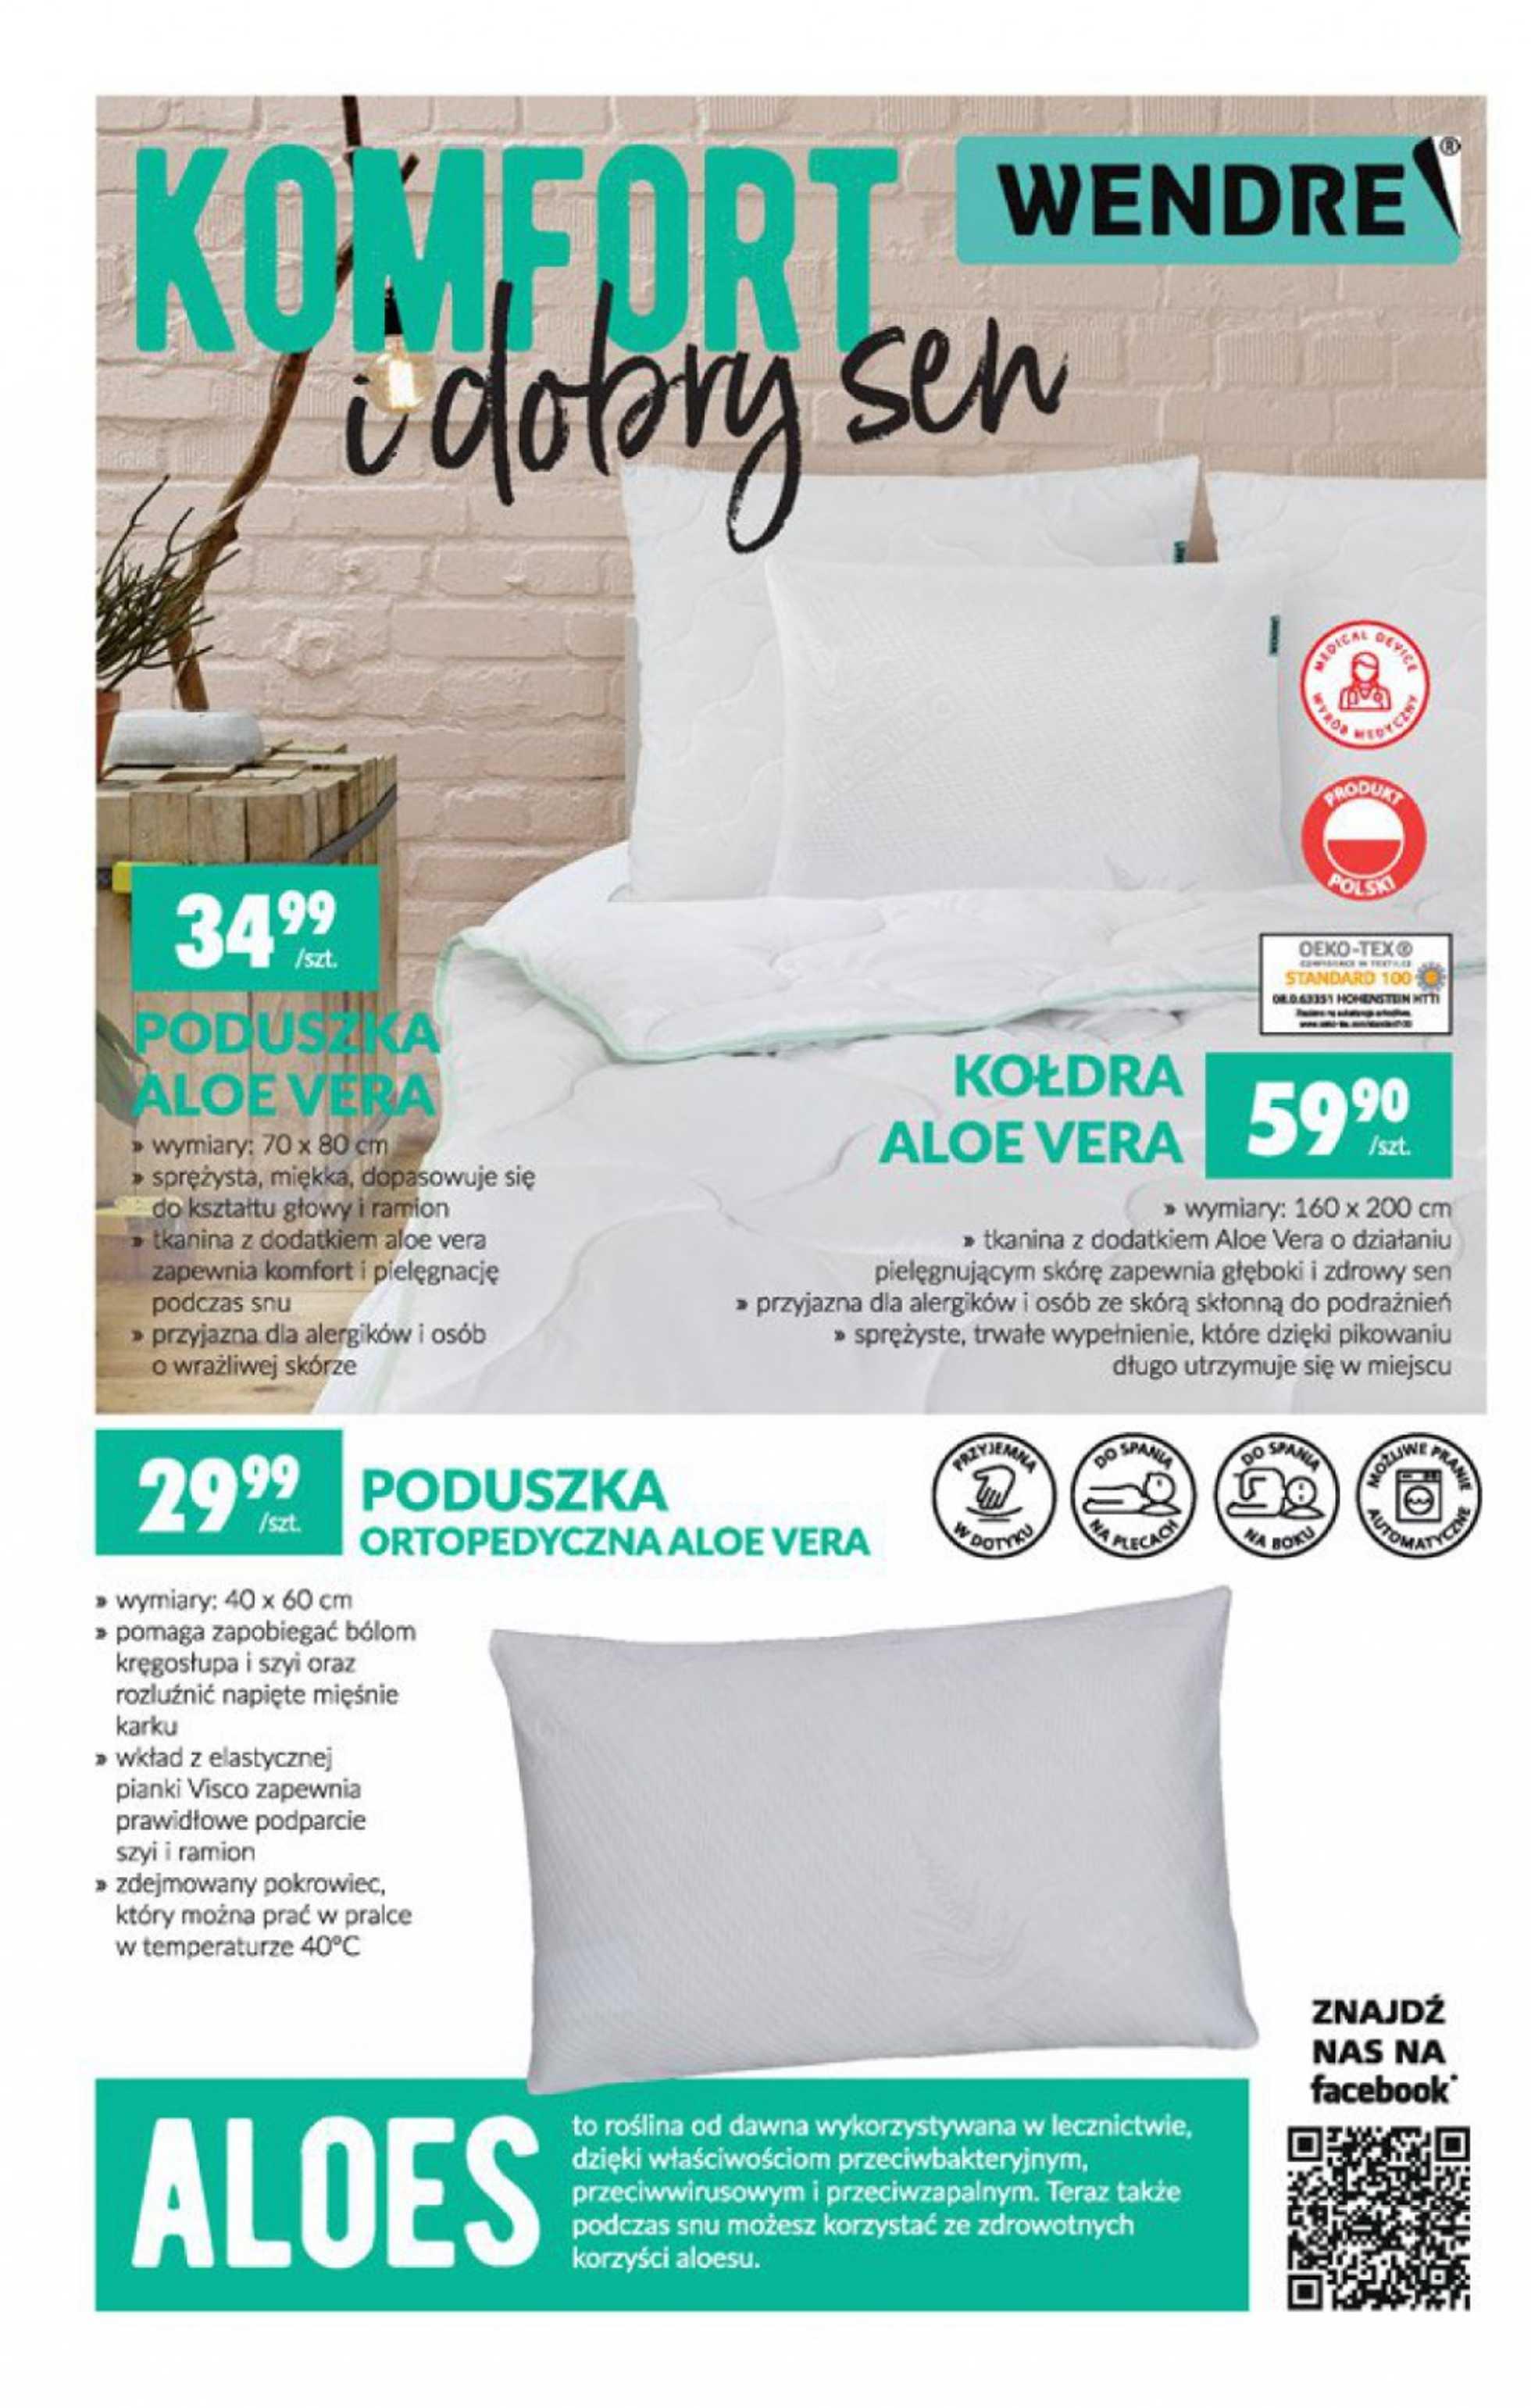 Biedronka - gazetka promocyjna ważna od 07.01.2020 do 18.01.2020 - strona 2.